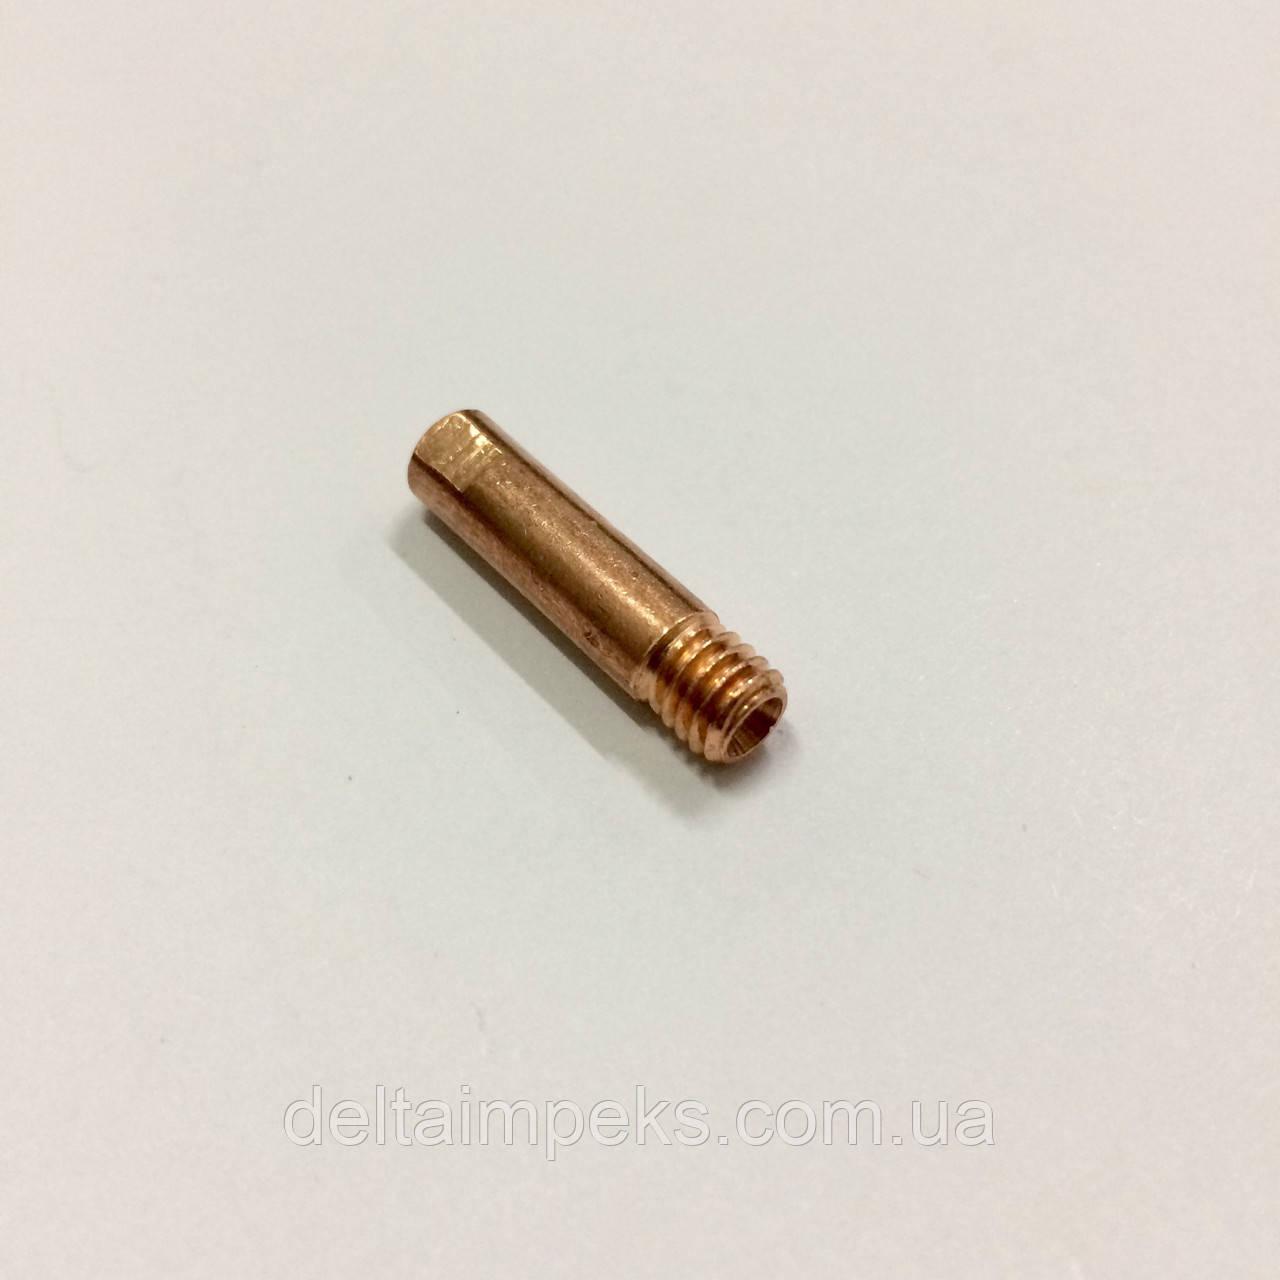 Наконечник E-Cu М6 D 1,0/6,0/25 для горелки ABIMIG 155 LW